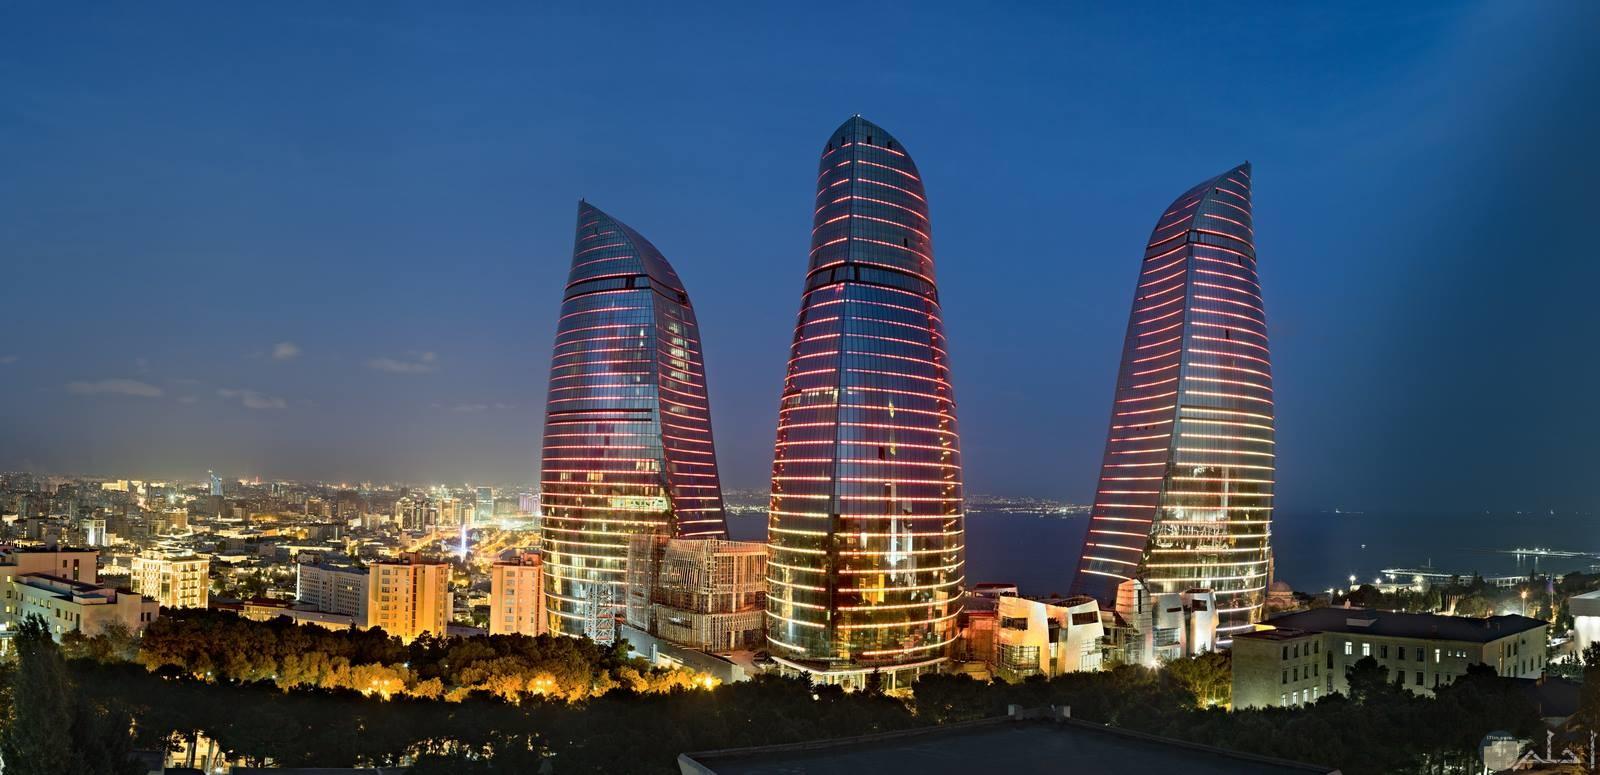 مدينة باكو في جمهورية أذربيخان الموجودة في أوراسيا.